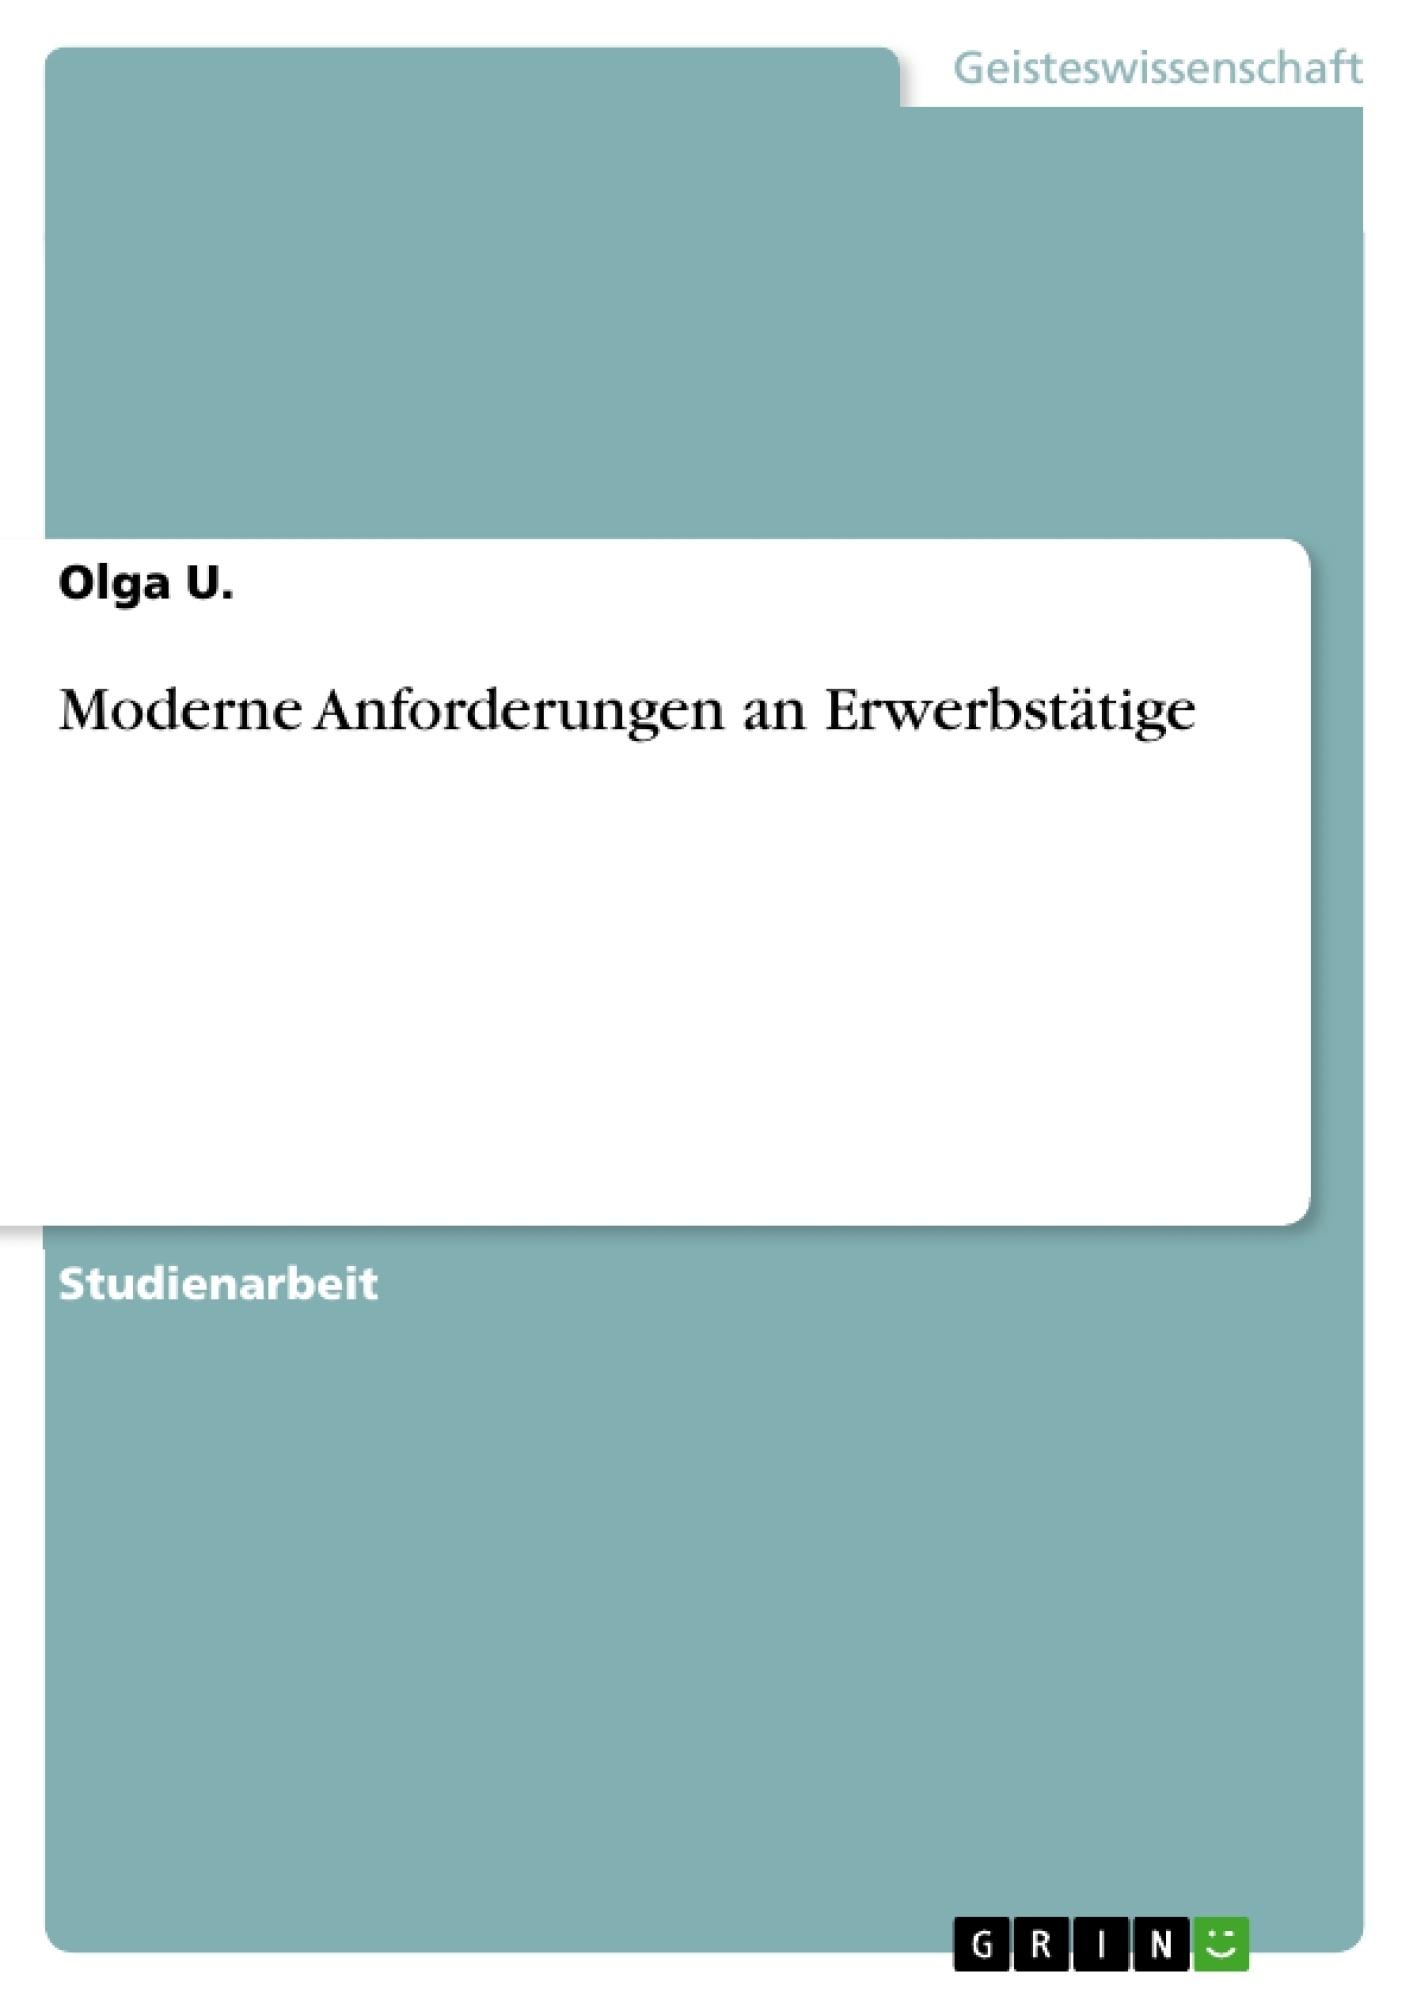 Titel: Moderne Anforderungen an Erwerbstätige